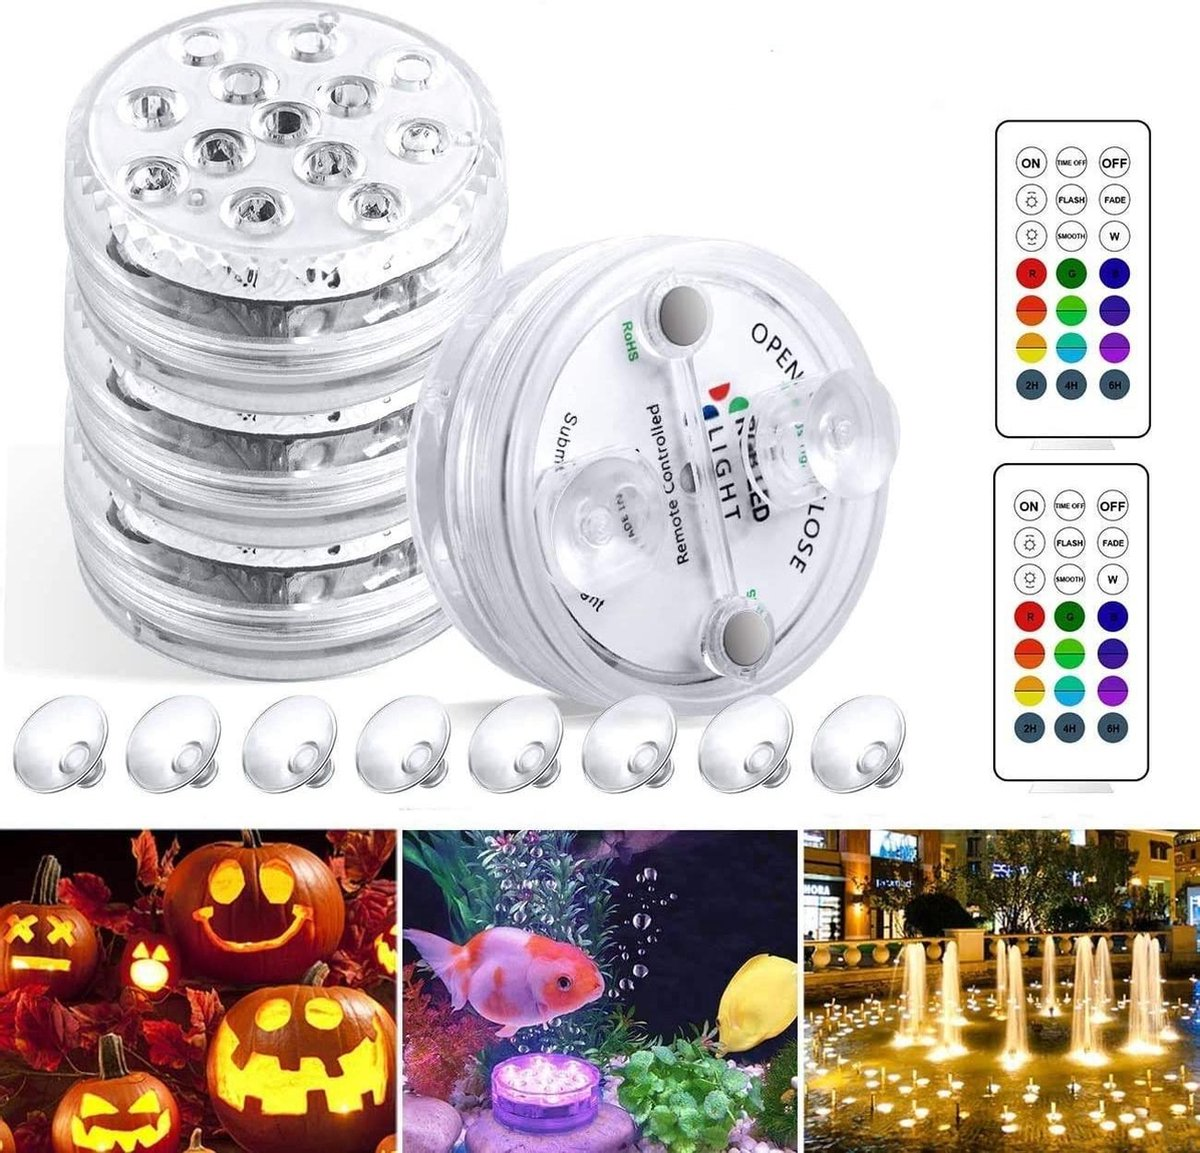 Onderwaterverlichting | Aquariumlamp | Zwembad | 13 Stuks | 16 Kleuren| Geheugenfunctie | Timer | Afstandsbediening | 3 Modi